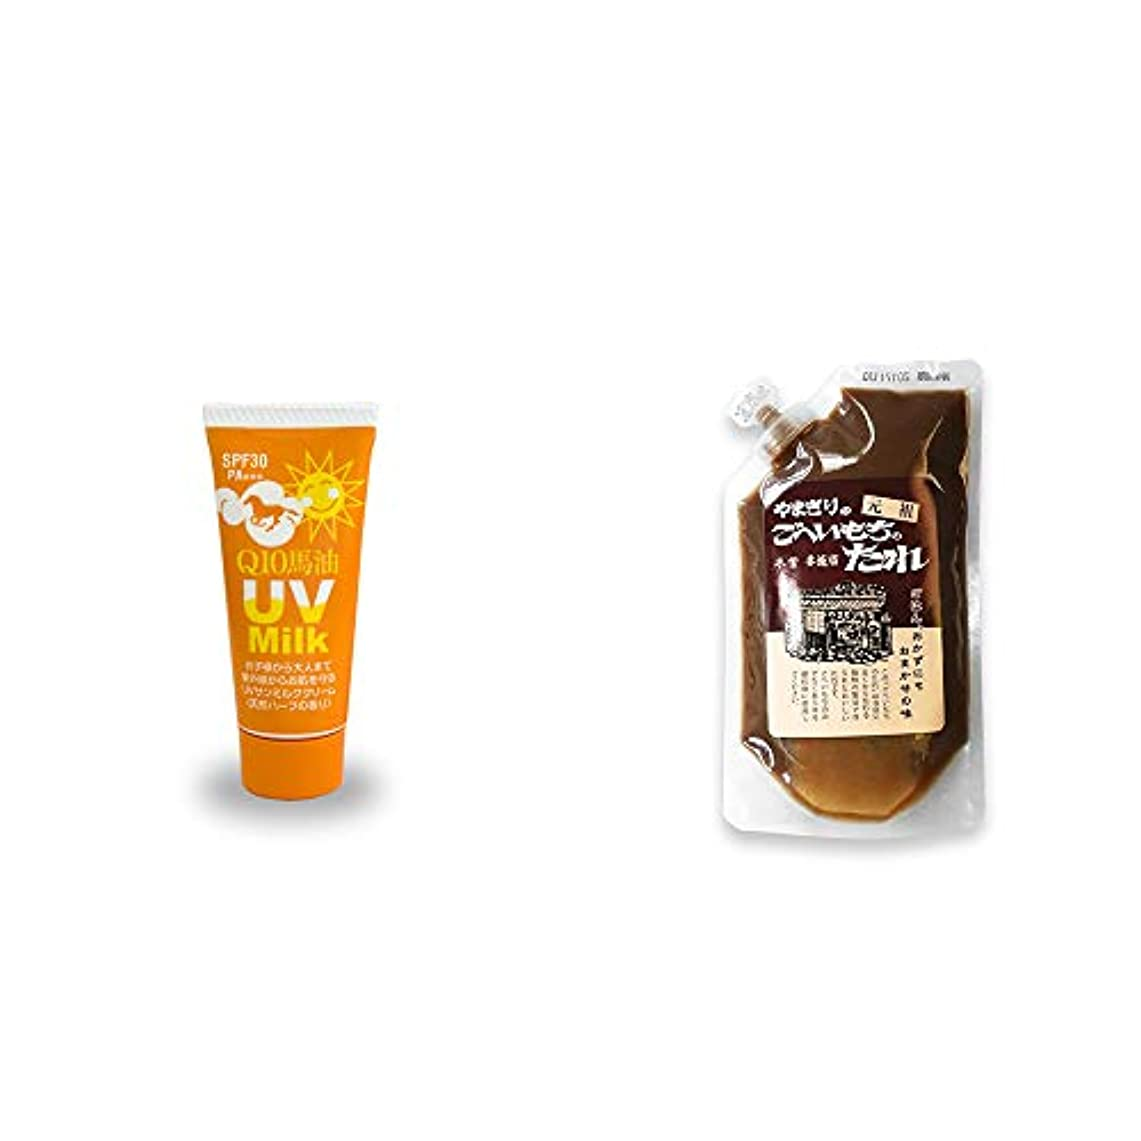 丘香水描写[2点セット] 炭黒泉 Q10馬油 UVサンミルク[天然ハーブ](40g)?妻籠宿 やまぎり食堂 ごへい餅のたれ(250g)